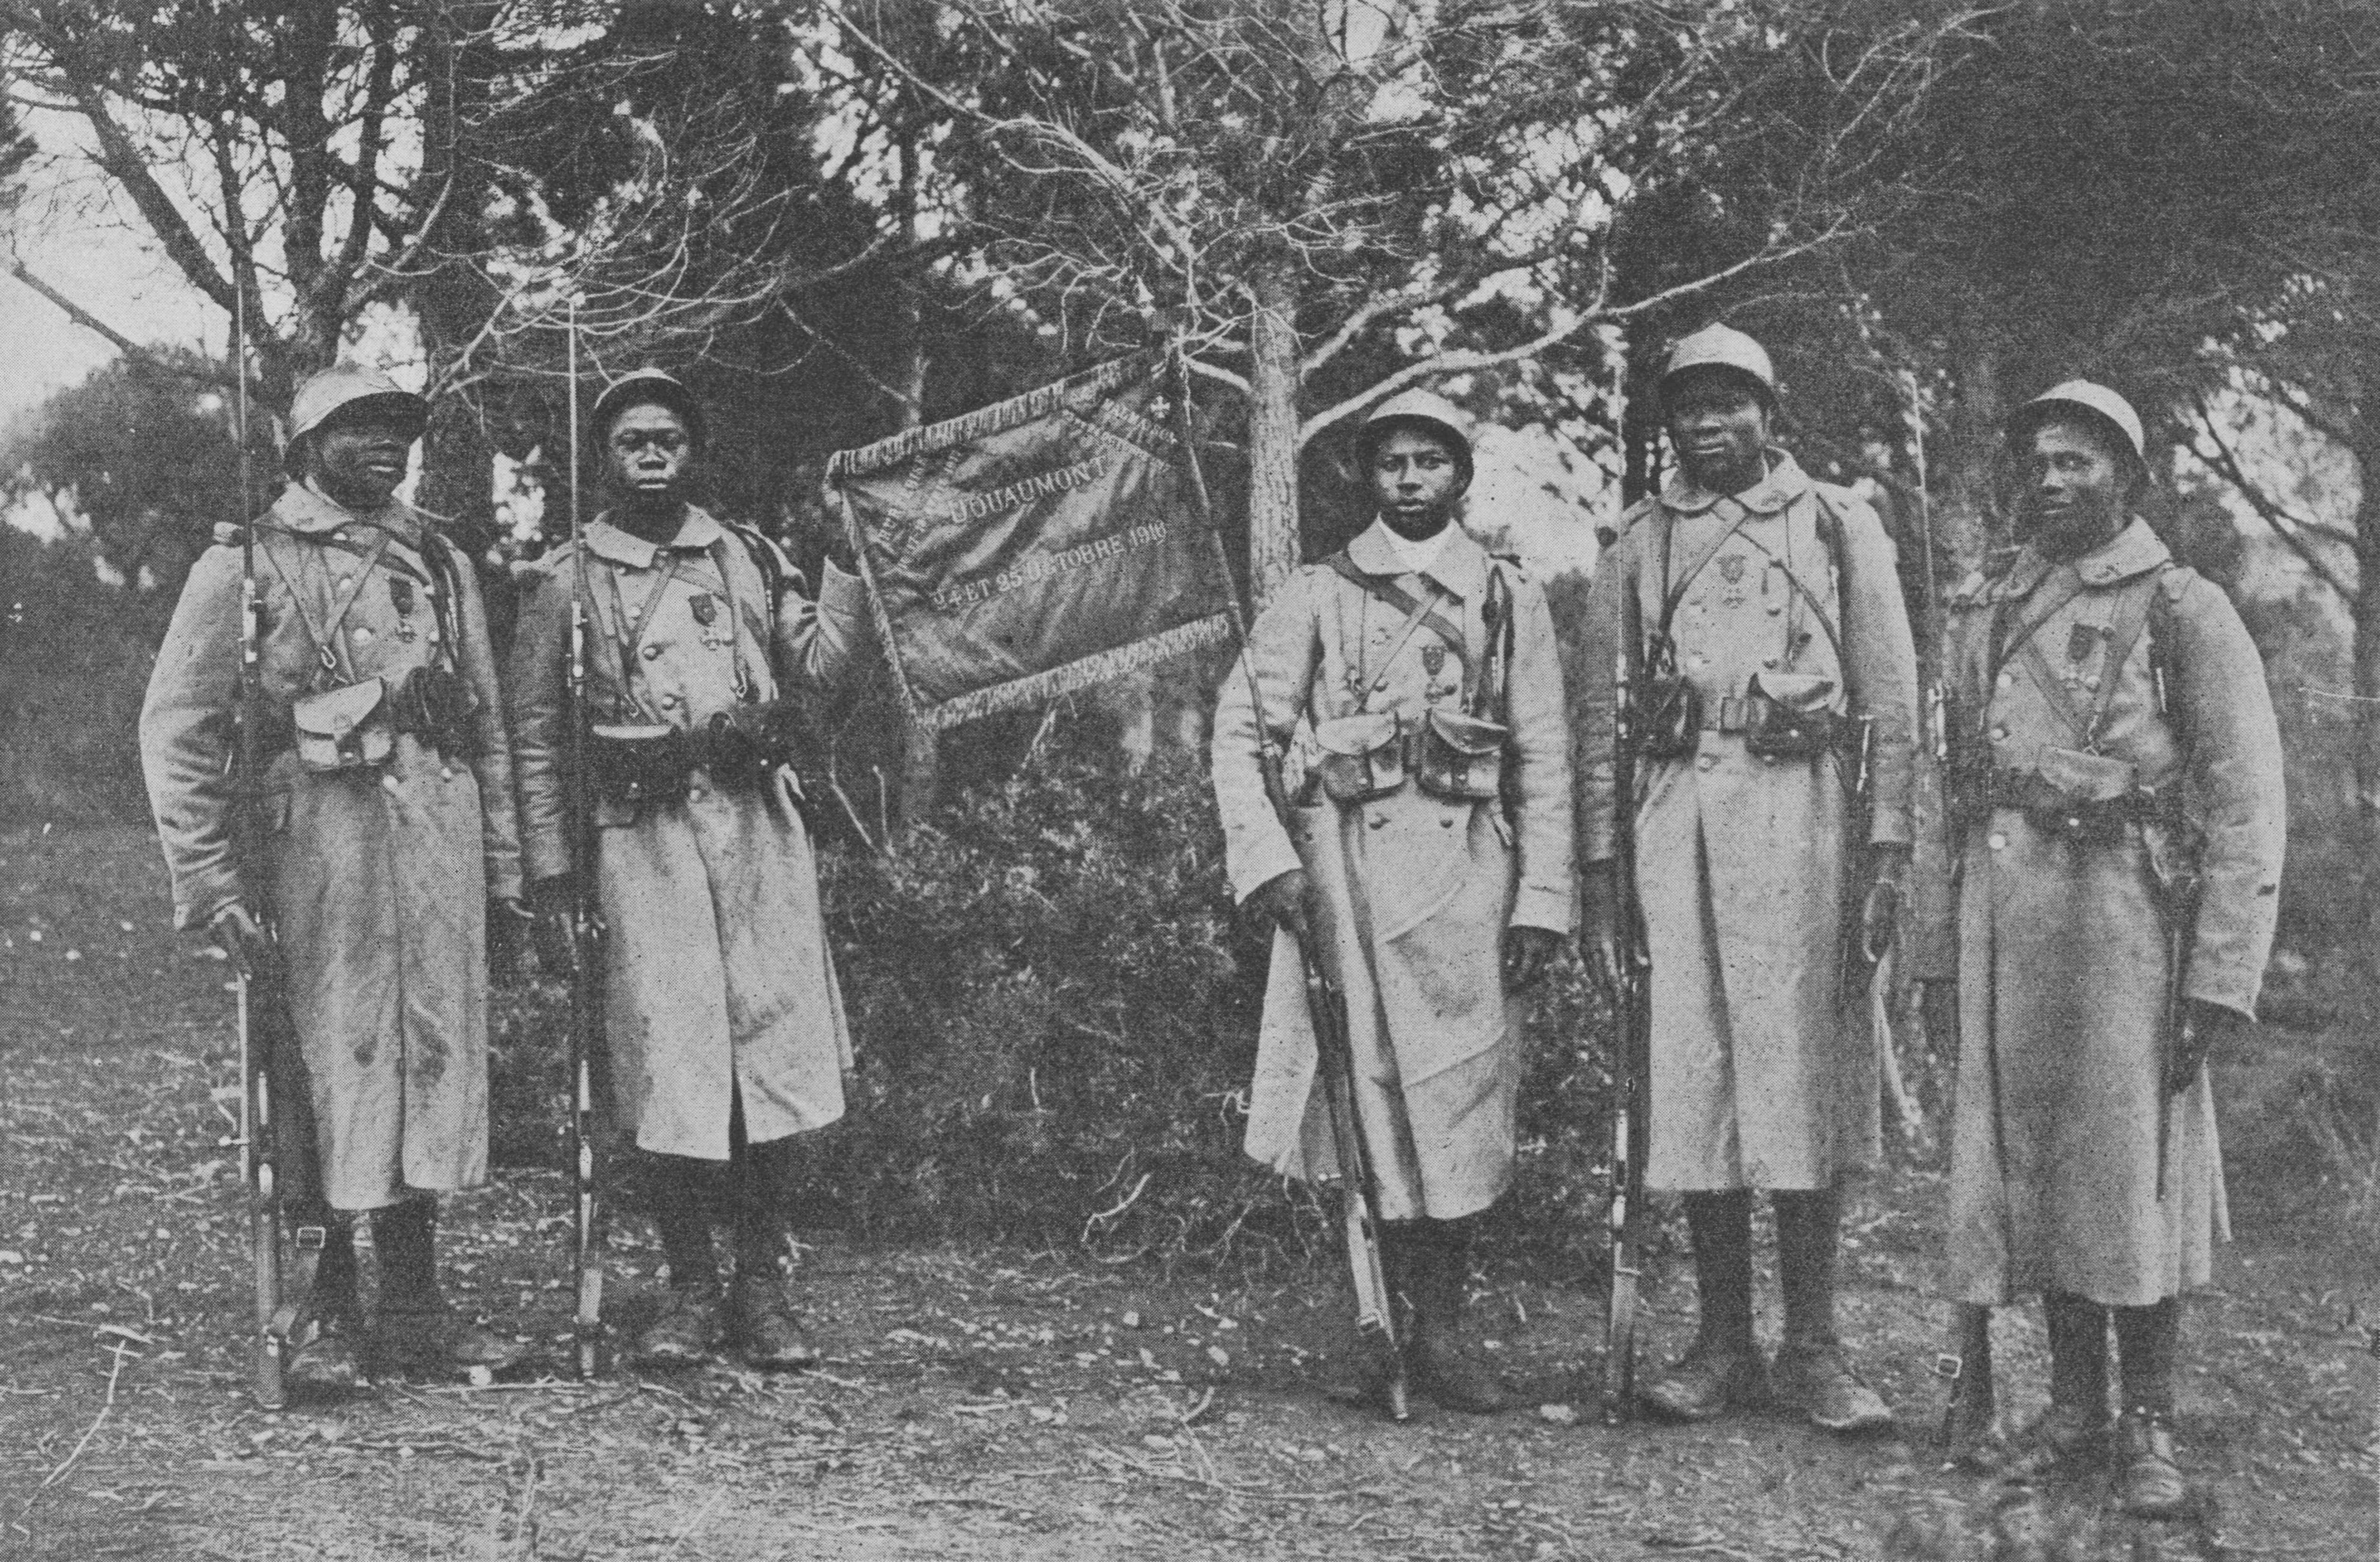 43e bataillon de tirailleurs sénégalais @ wikimedia commons